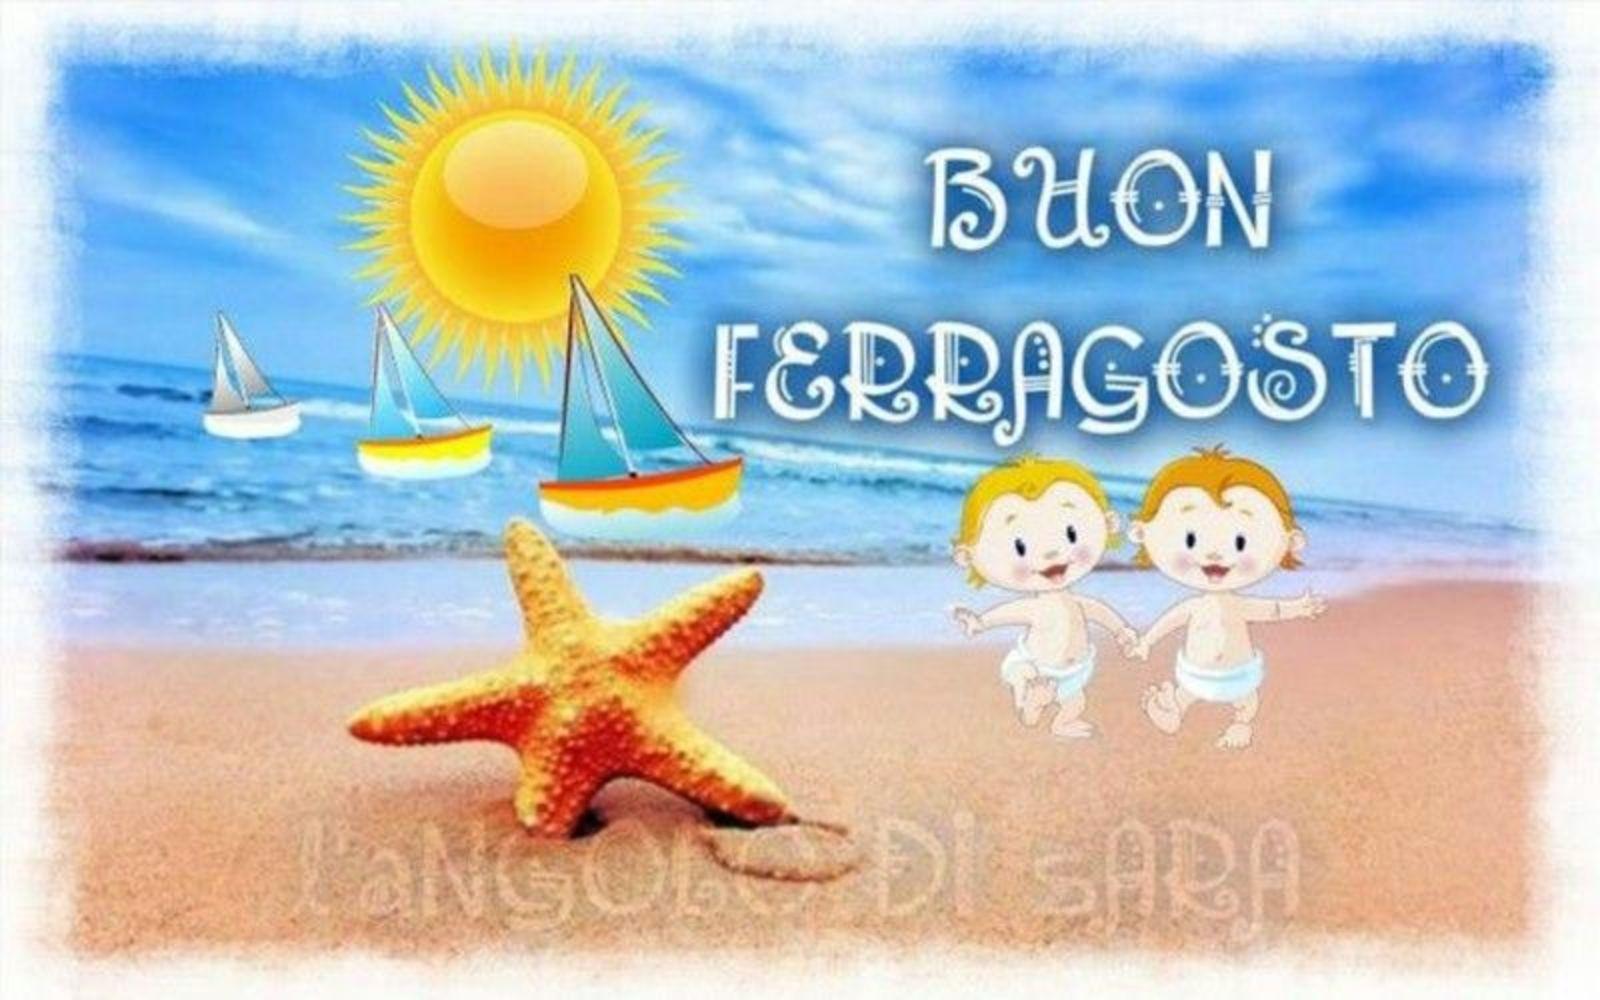 Buon-Ferragosto-Immagini-per-Whatsapp-11